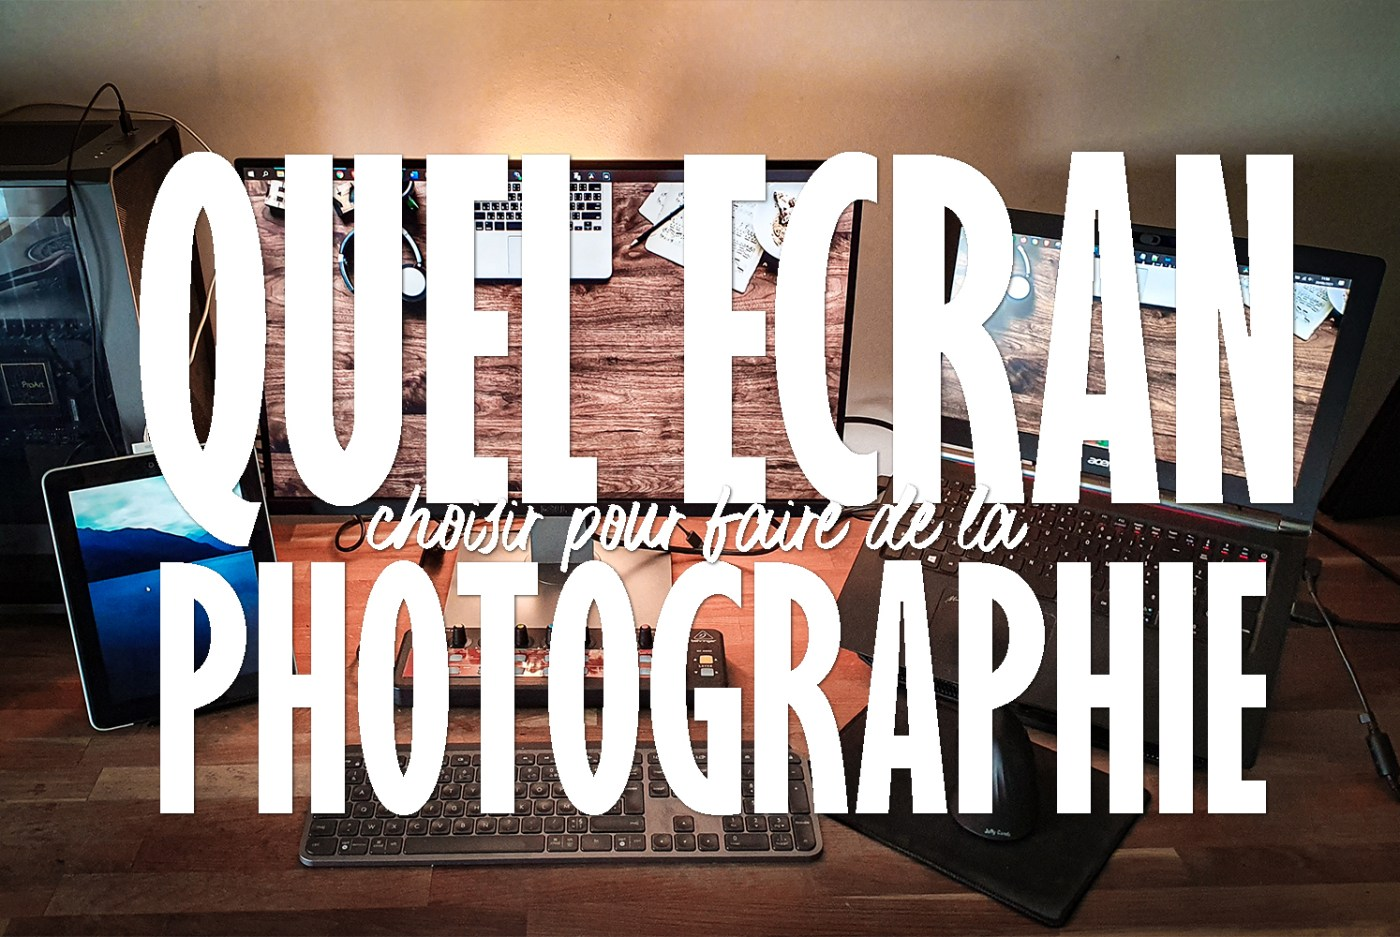 Ecran pour la photographie